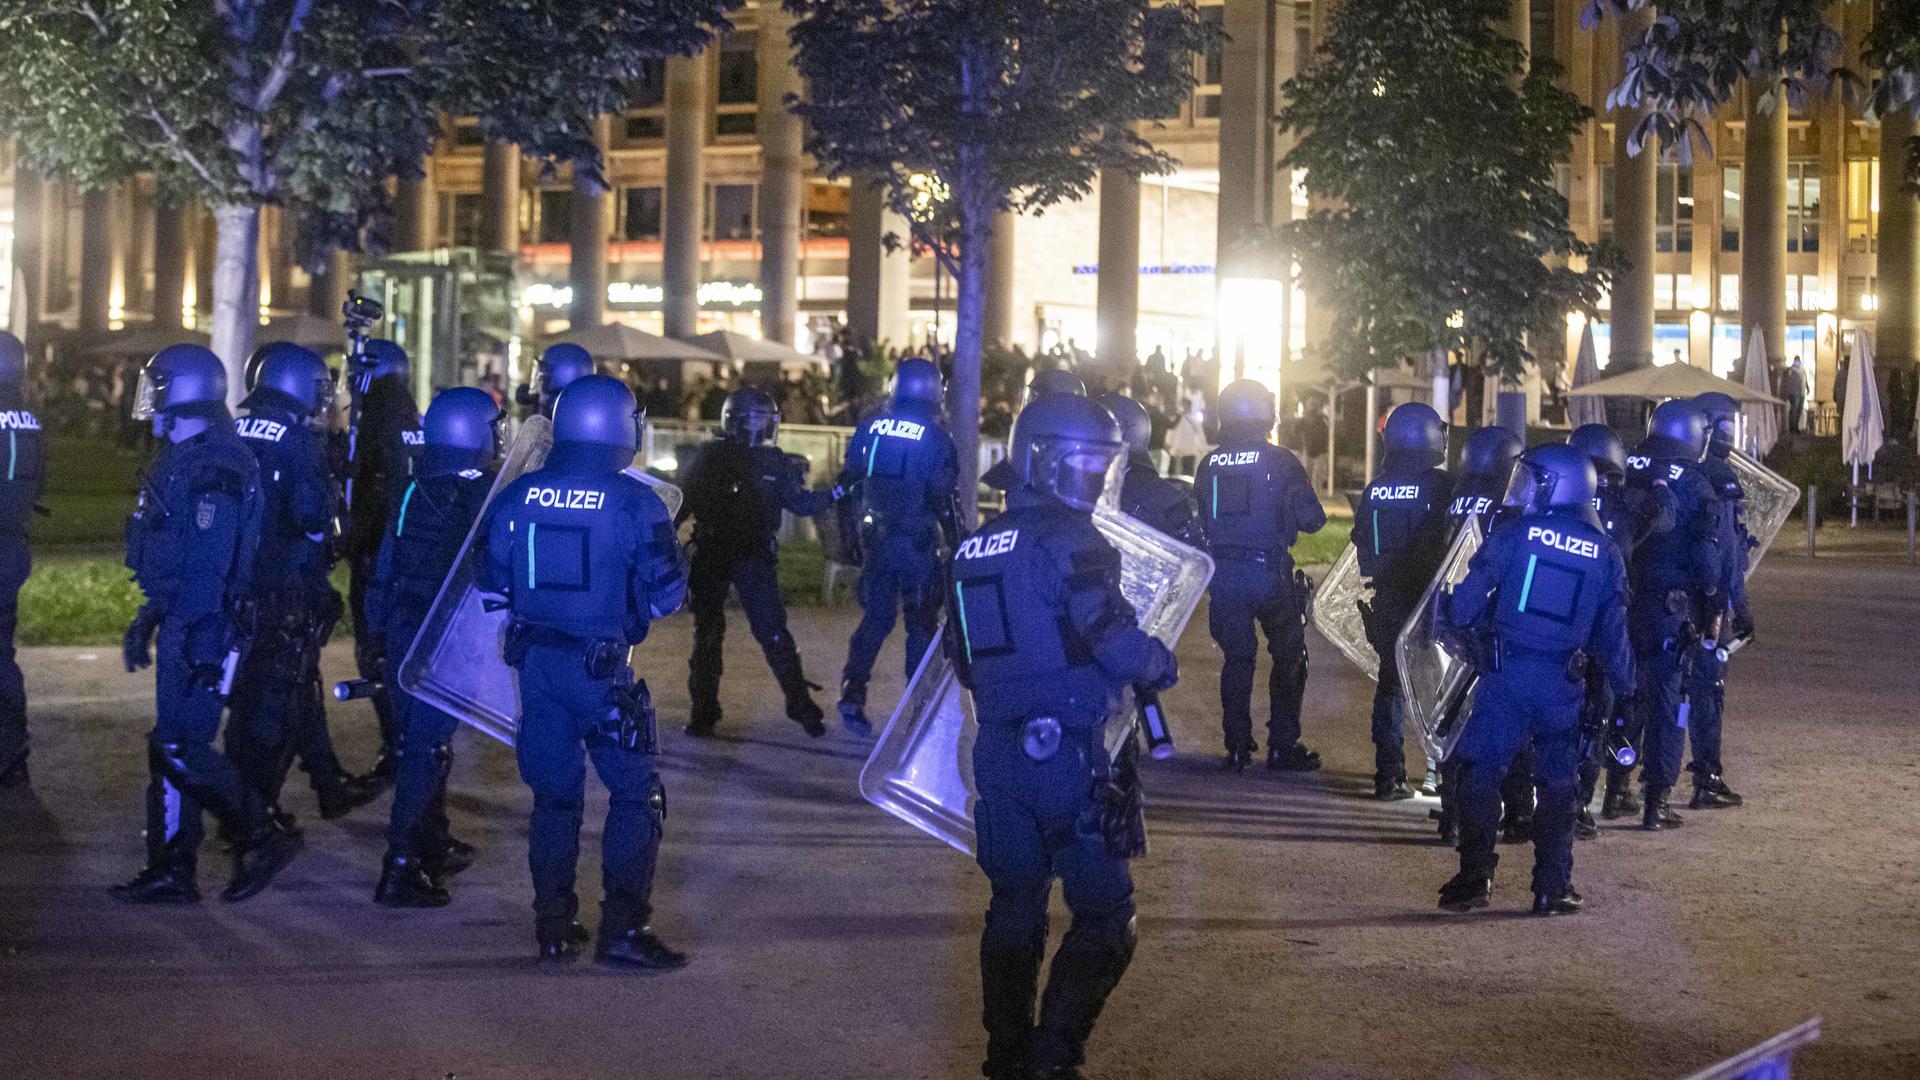 Die Randale-Nacht von Stuttgart hat wohl nicht nur für die Plünderer ein Nachspiel. Gegen einen Polizeibeamten wird wegen einer rassistischen Äußerung ermittelt.